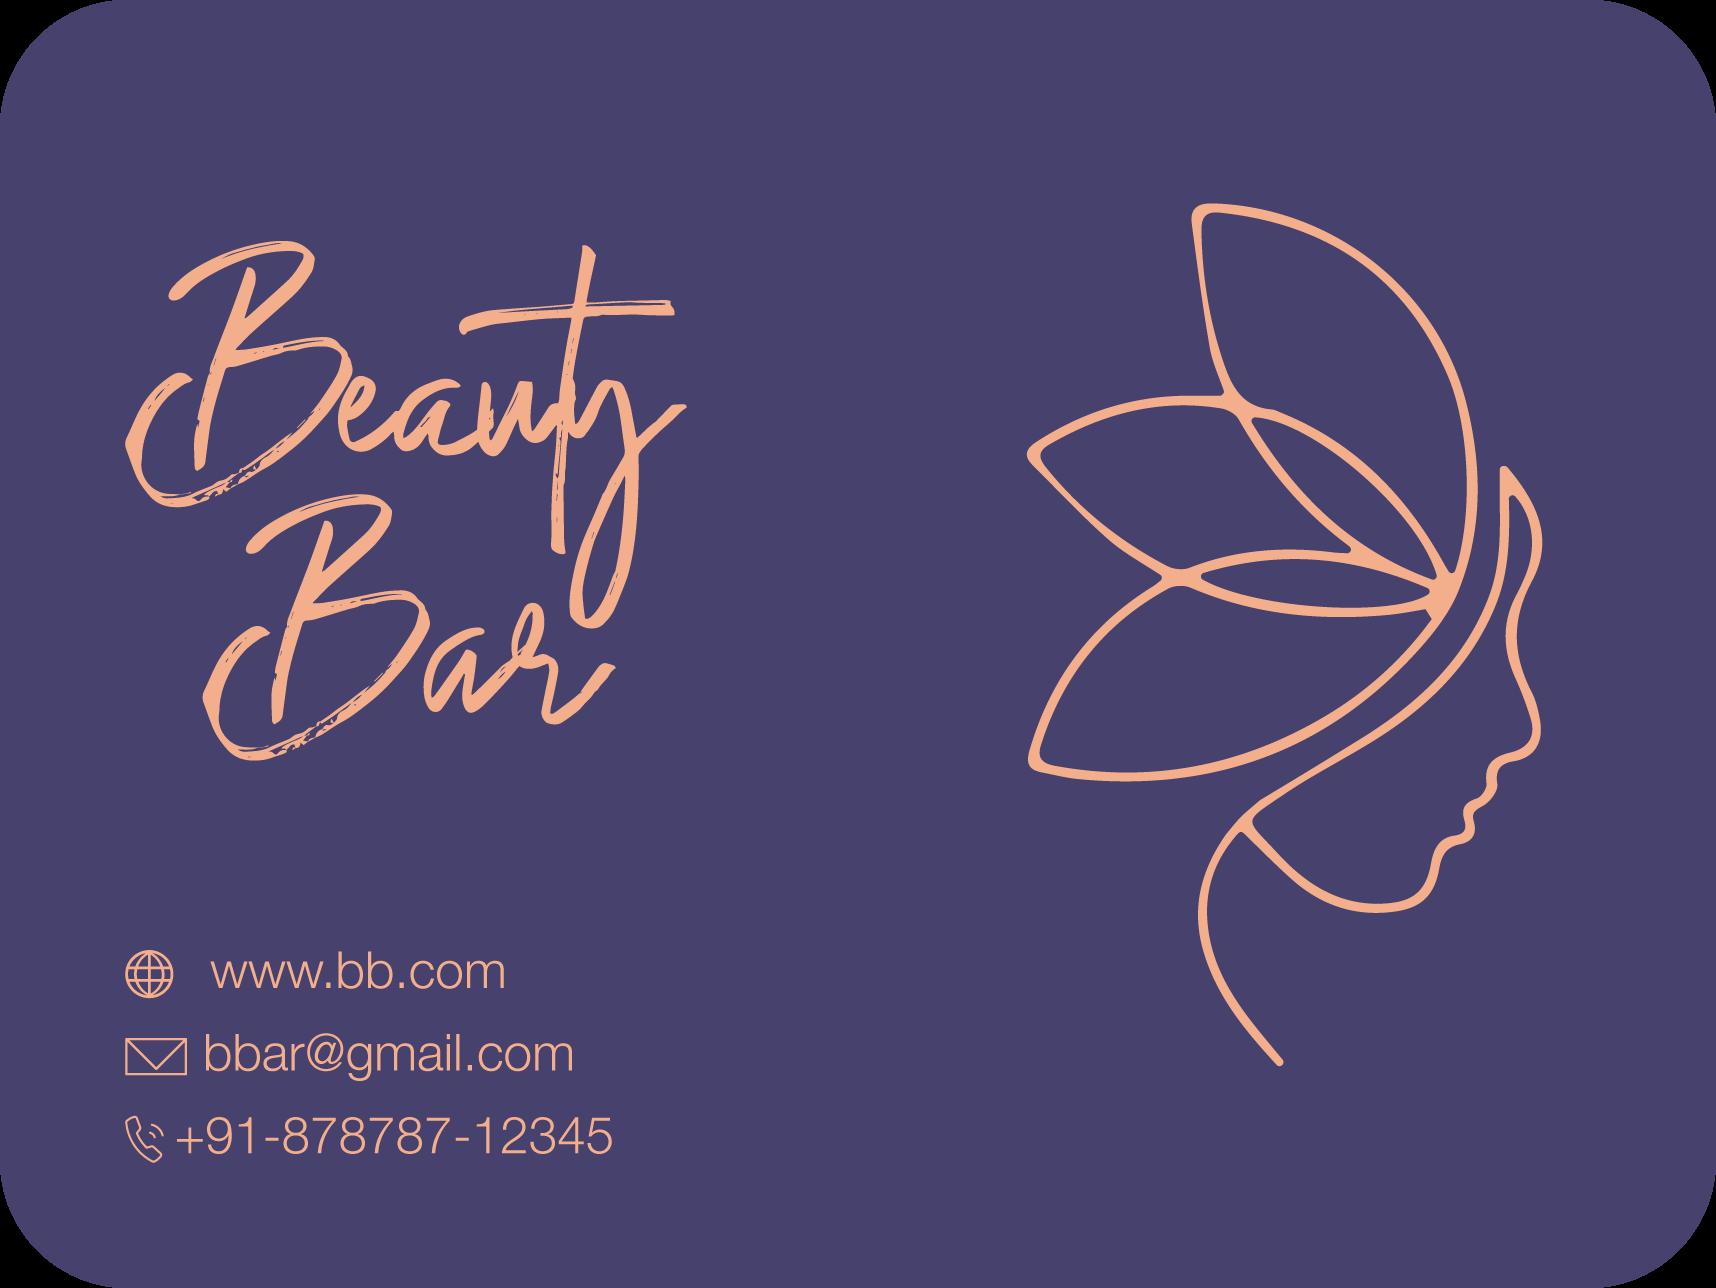 beauty bar business card design template